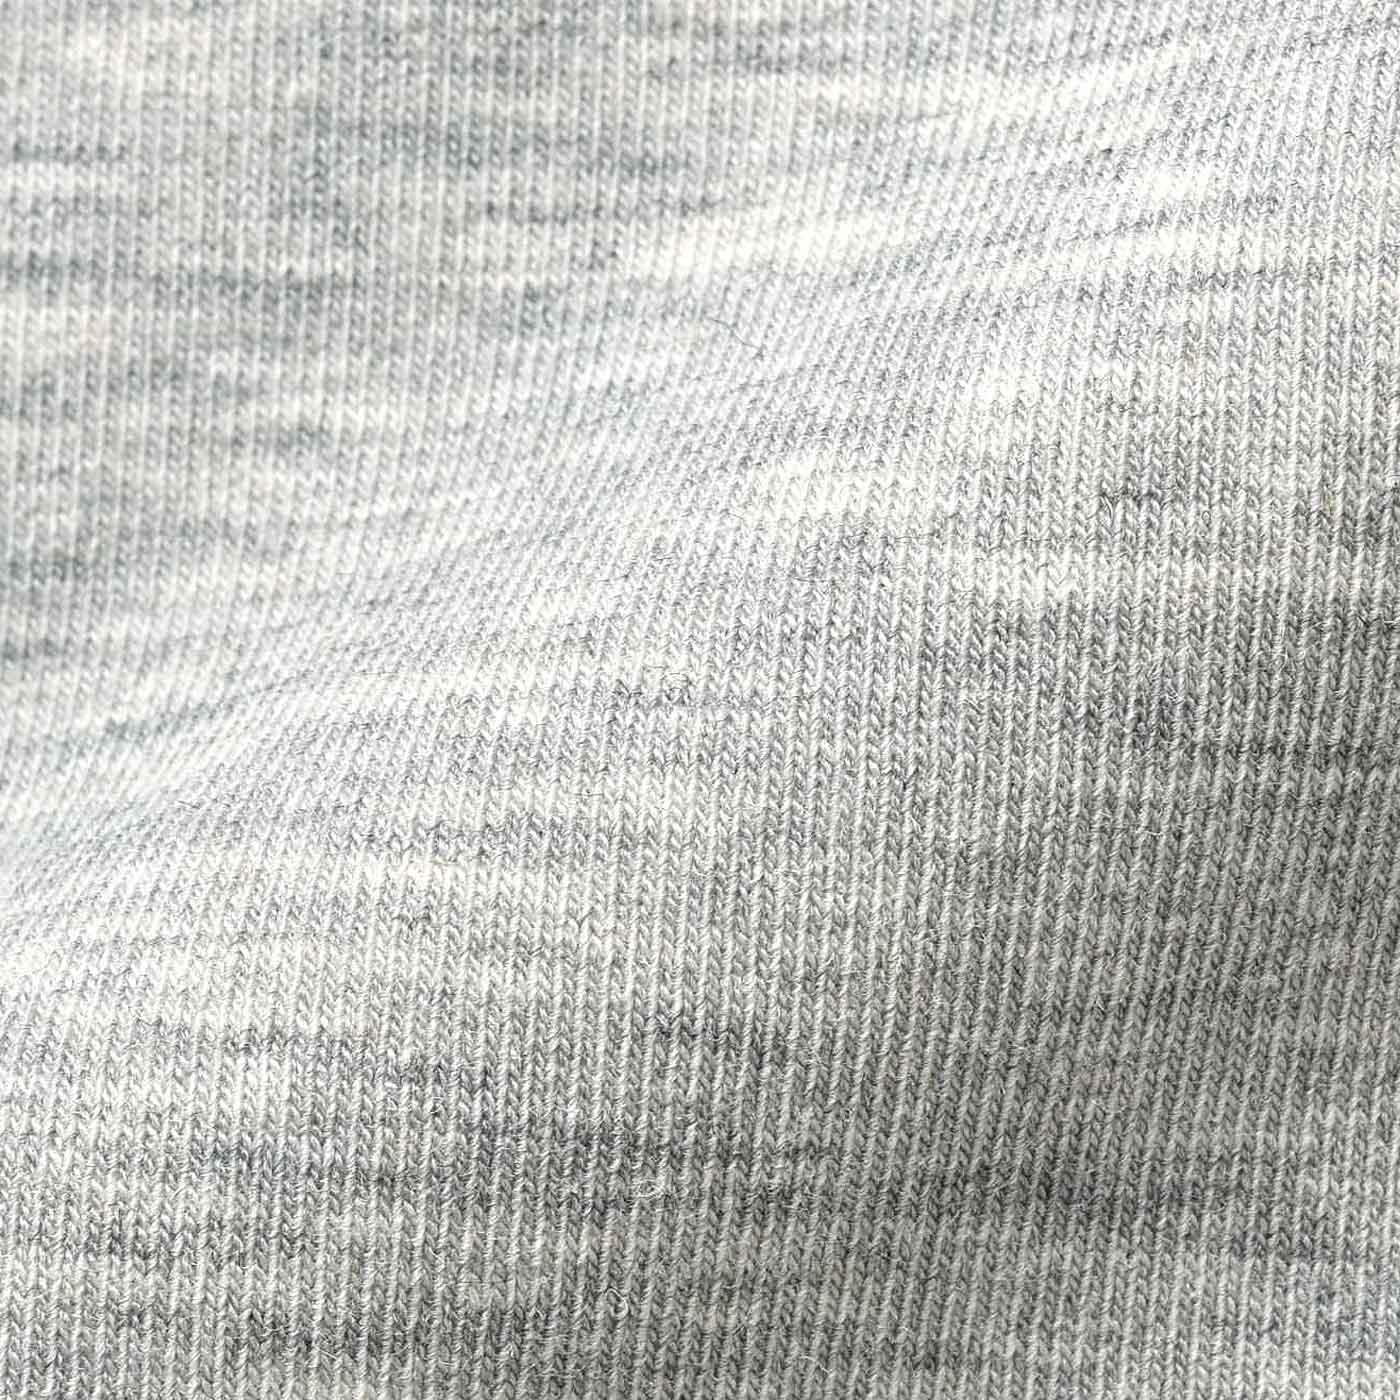 カットソー部分は速乾素材。綿混なので快適な着心地。